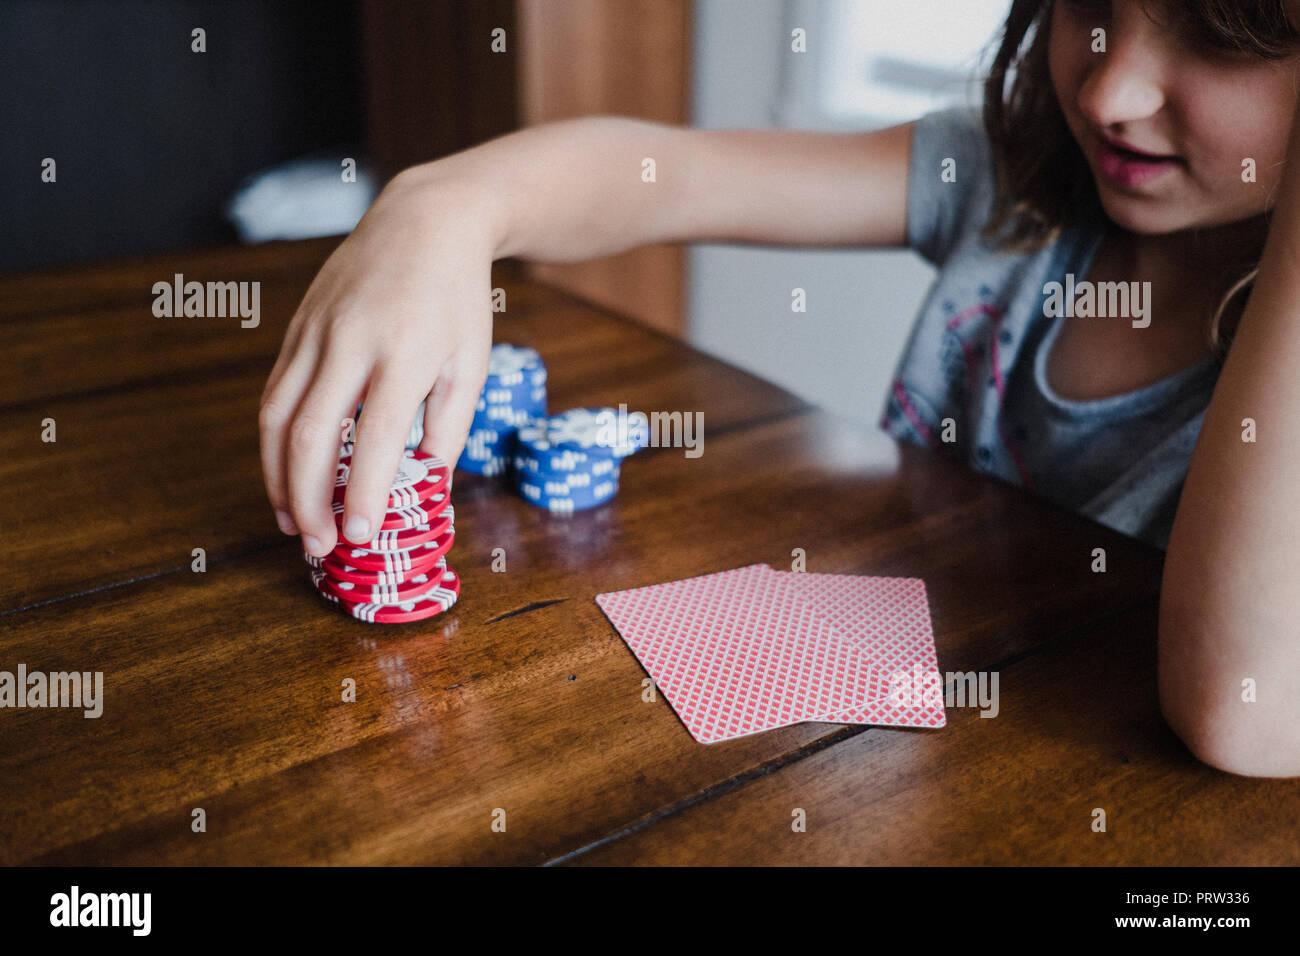 Ragazza giocando a carte in tavola, impilatura fiches, close up Immagini Stock